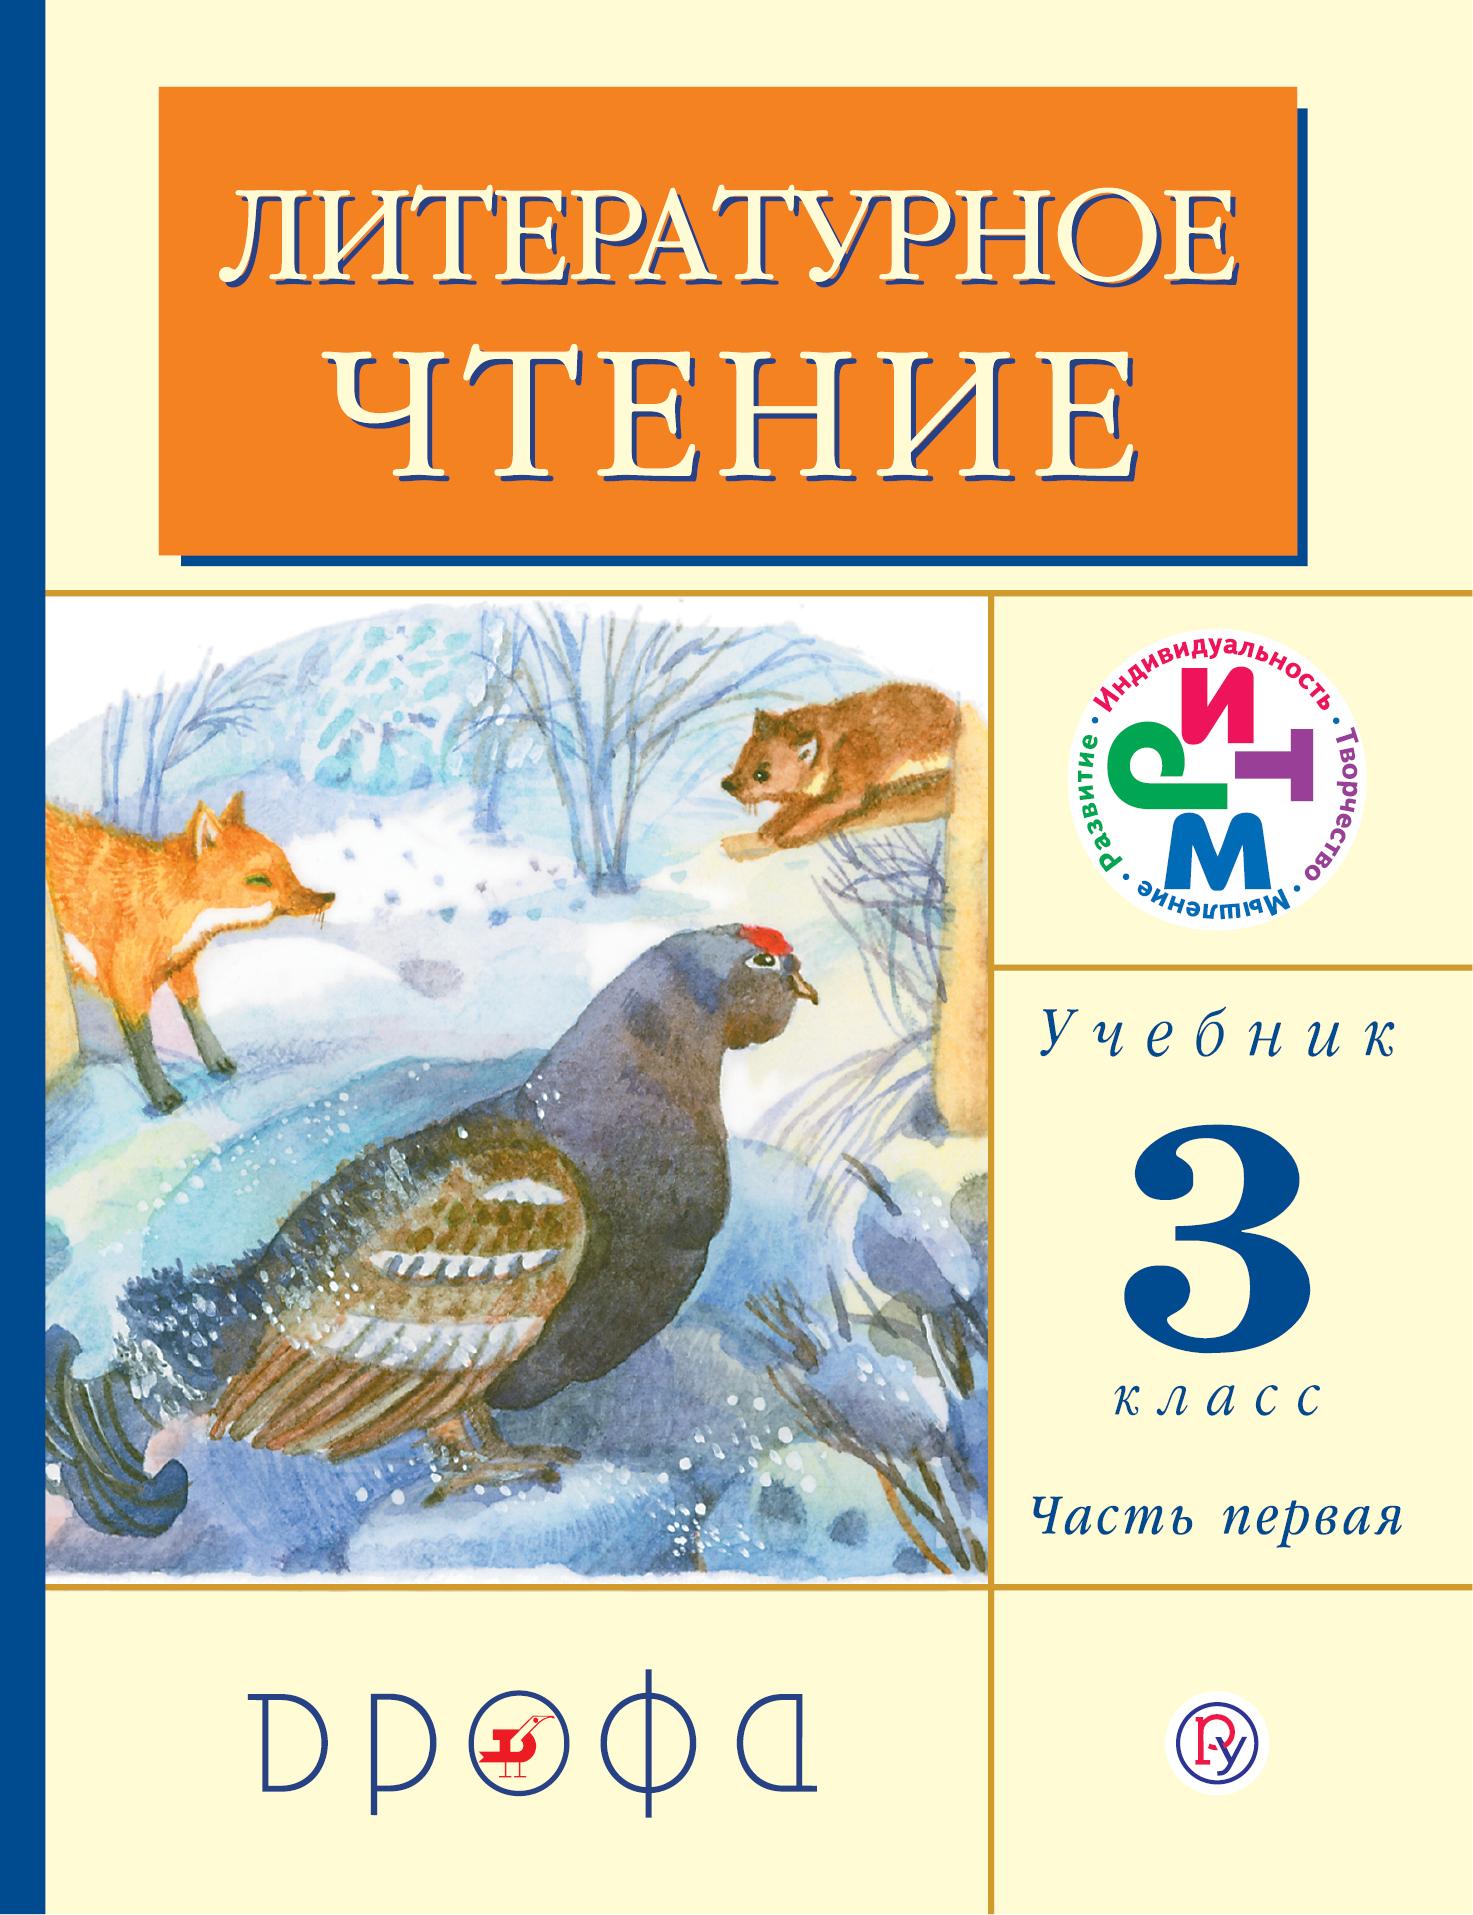 Г. М. Грехнева, К. Е. Корепова Литературное чтение. 3 класс. Учебник. В 2 частях. Часть 1 г м грехнева к е корепова литературное чтение 4 класс учебник в 3 частях часть 2